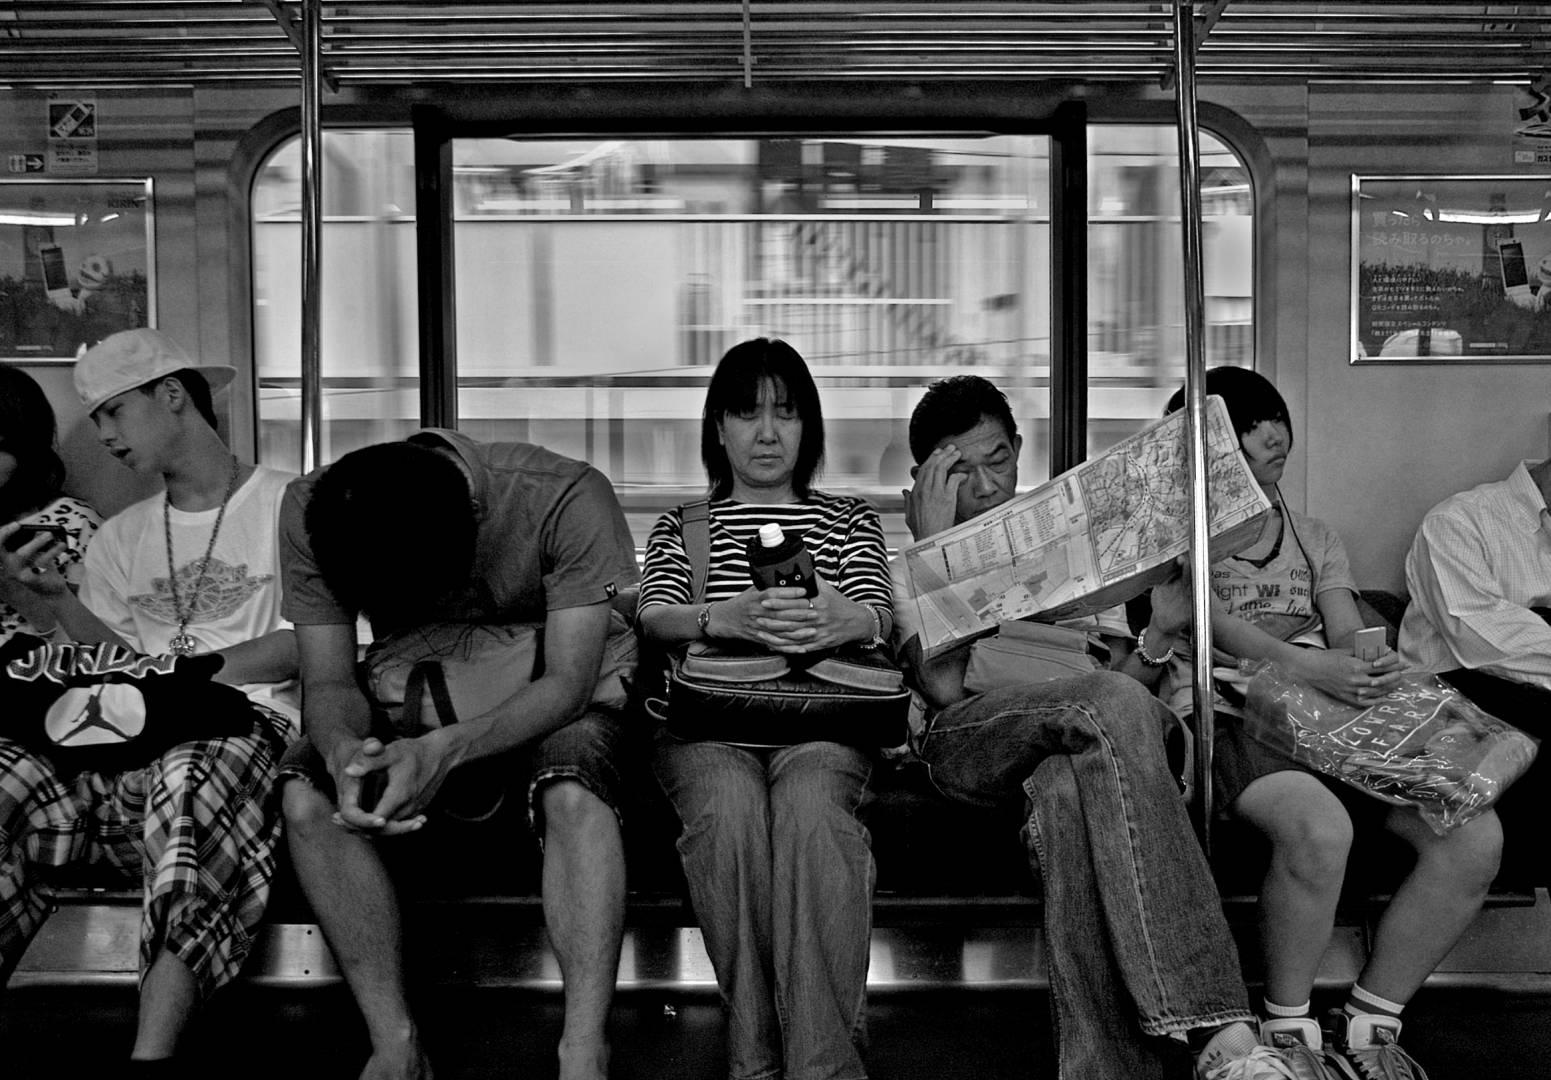 Train to Kamakura, Leica M8 15mm Voigtlaender